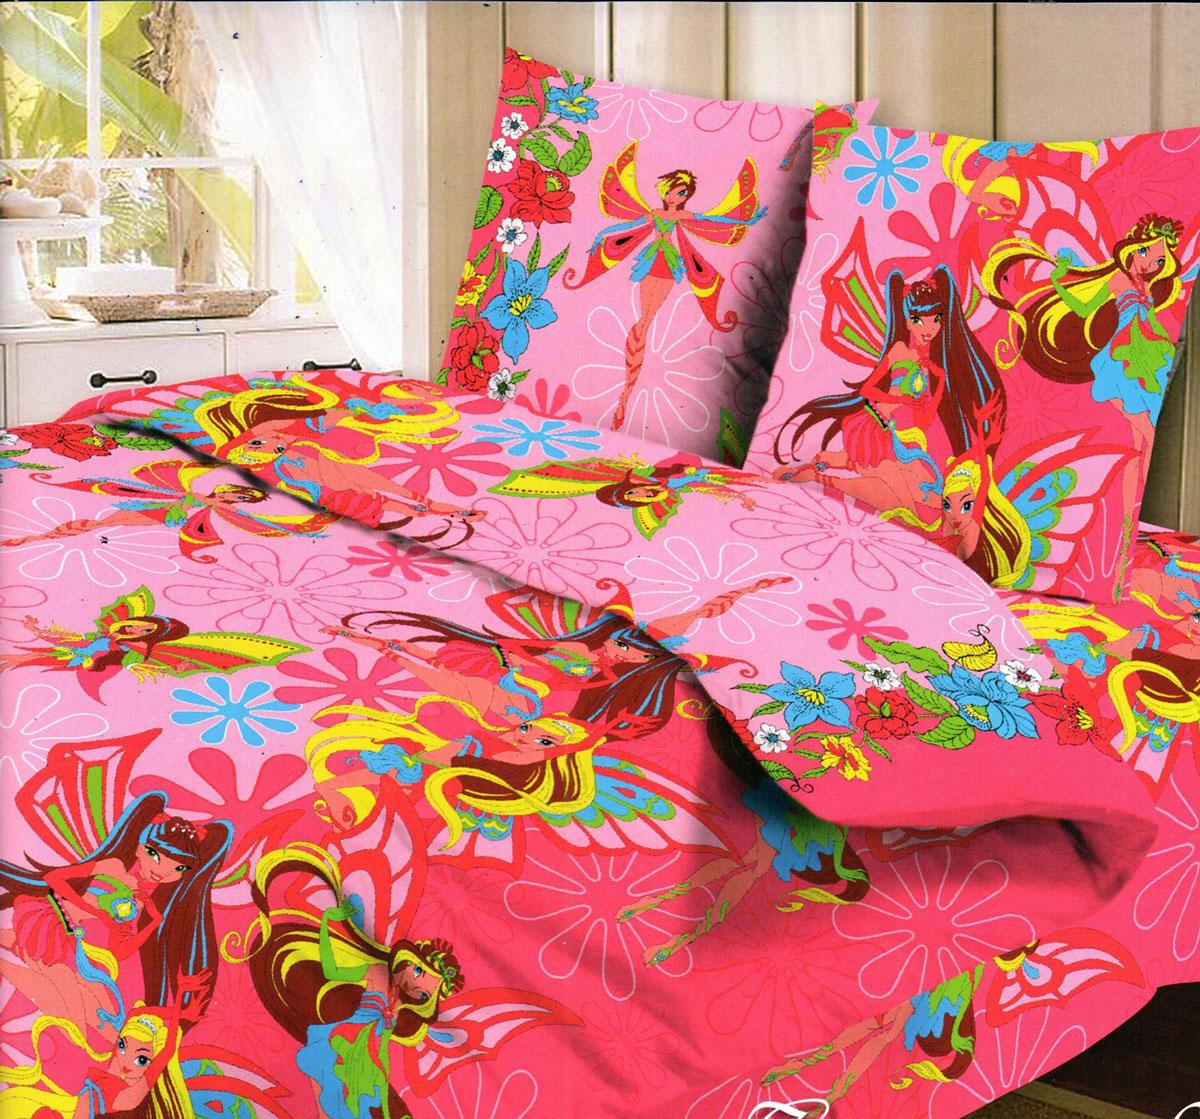 Letto Комплект детского постельного белья Фея цвет розовый531-326Комплект детского постельного белья Letto Фея, состоящий из наволочки, простыни и пододеяльника, выполнен из натурального 100% хлопка. Комплект оформлен изображениями волшебных фей и яркими цветами.Хлопок - это натуральный материал, который не раздражает даже самую нежную и чувствительную кожу малыша, не вызывает аллергии и хорошо вентилируется. Такой комплект идеально подойдет для кроватки вашей малышки. На нем ребенок будет спать здоровым и крепким сном.